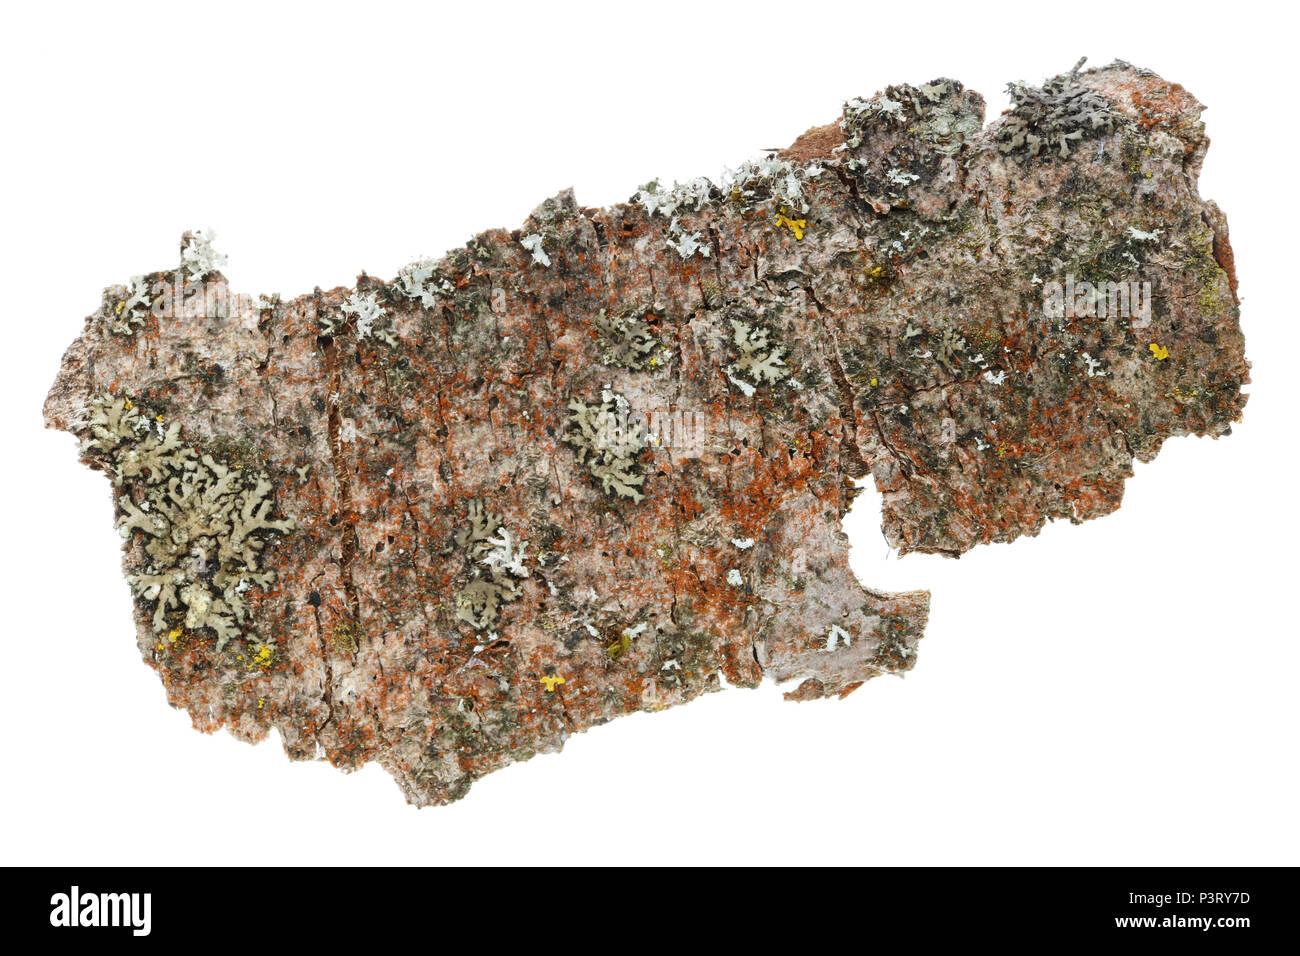 Il microcosmo e flora sulla superficie della corteccia del vecchio albero della mela. Licheni, muschi e altre sostanze organiche. Studio isolato di ripresa macro Immagini Stock